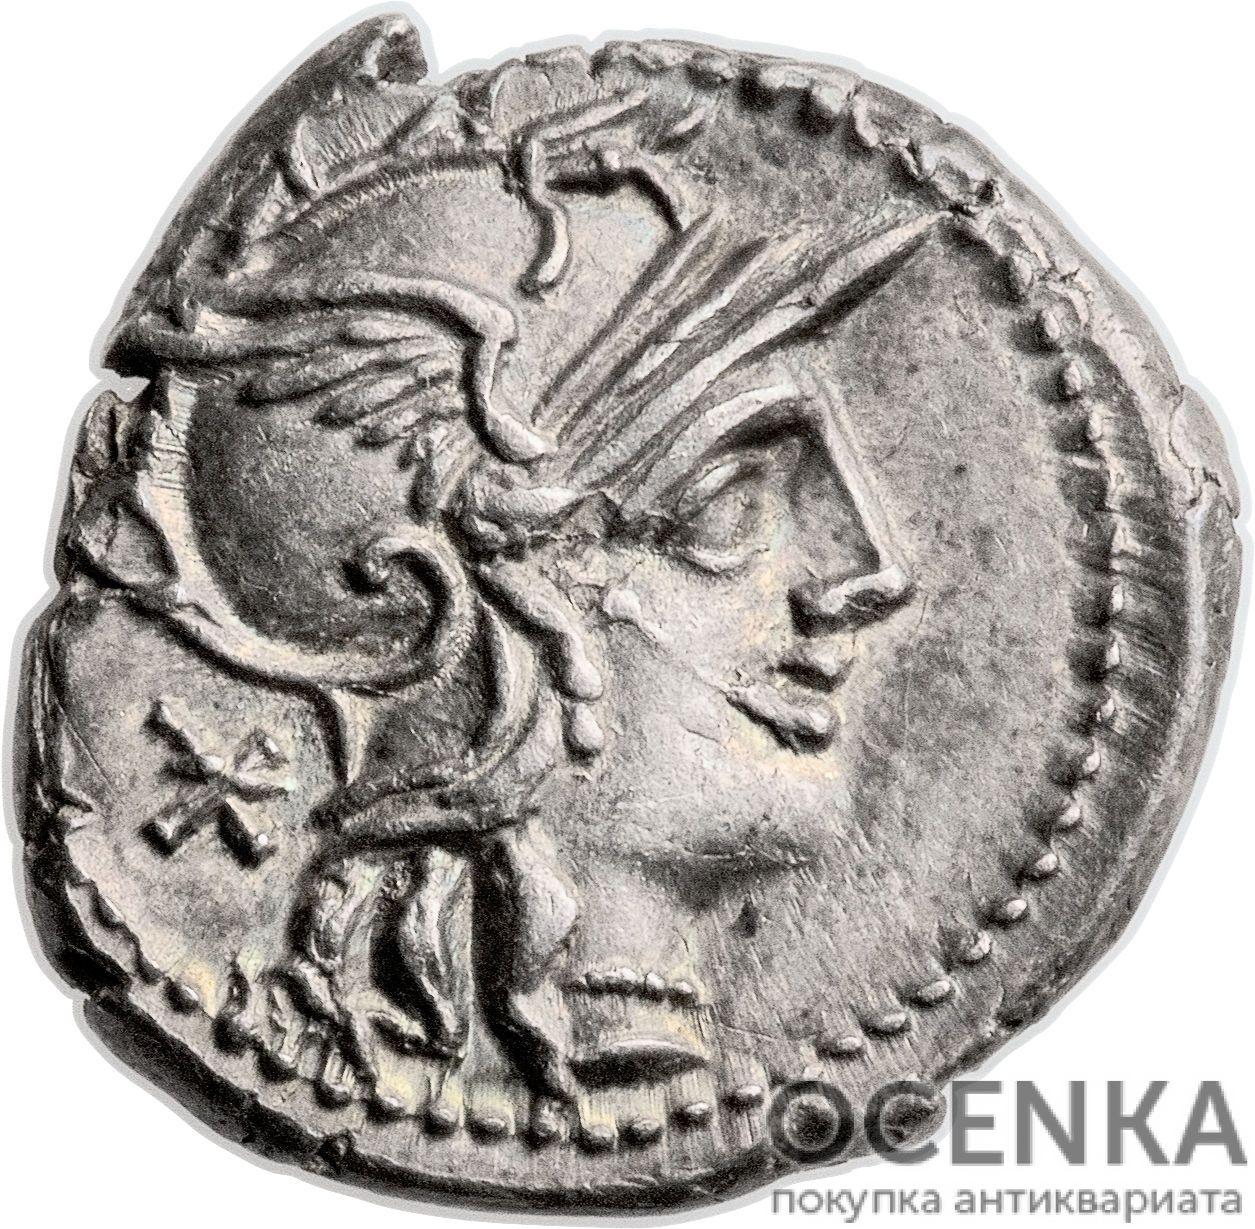 Серебряный республиканский Денарий Тиберия Минуция Авгурина, 134 год до н.э.